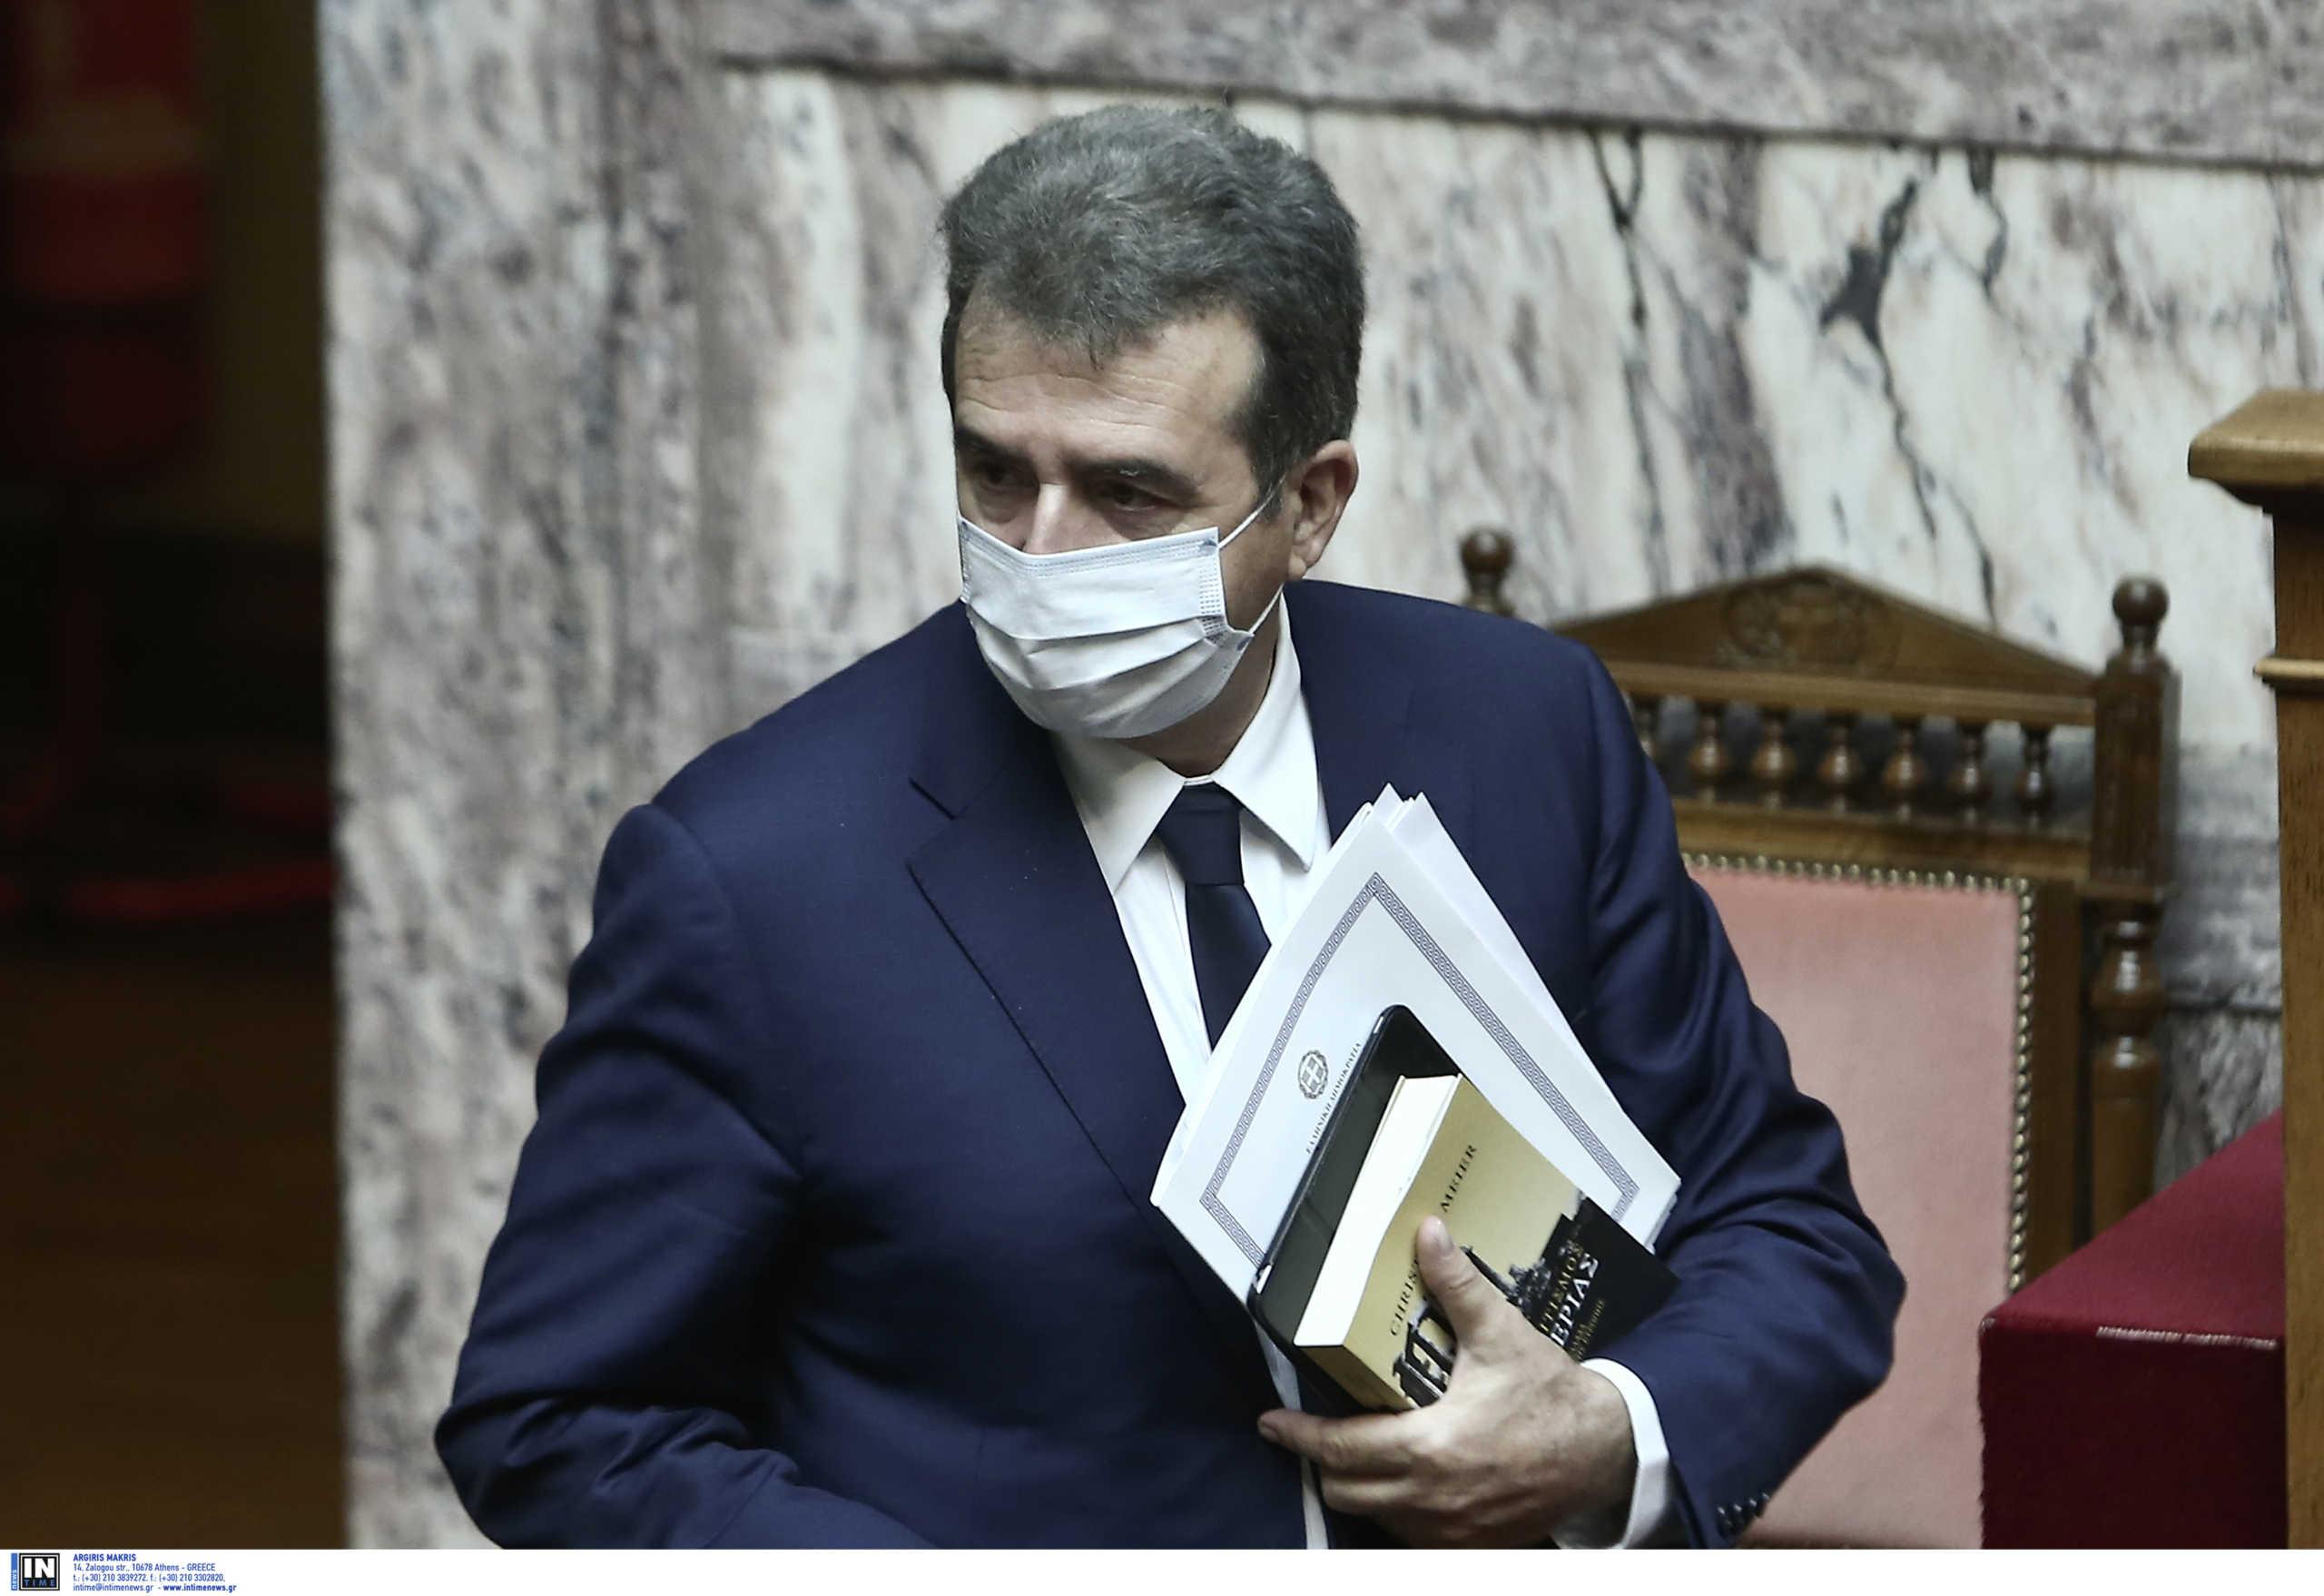 Χρυσοχοΐδης: Σε κανέναν δεν αρέσει η αστυνομία στα Πανεπιστήμια – Αναγκαστική πράξη